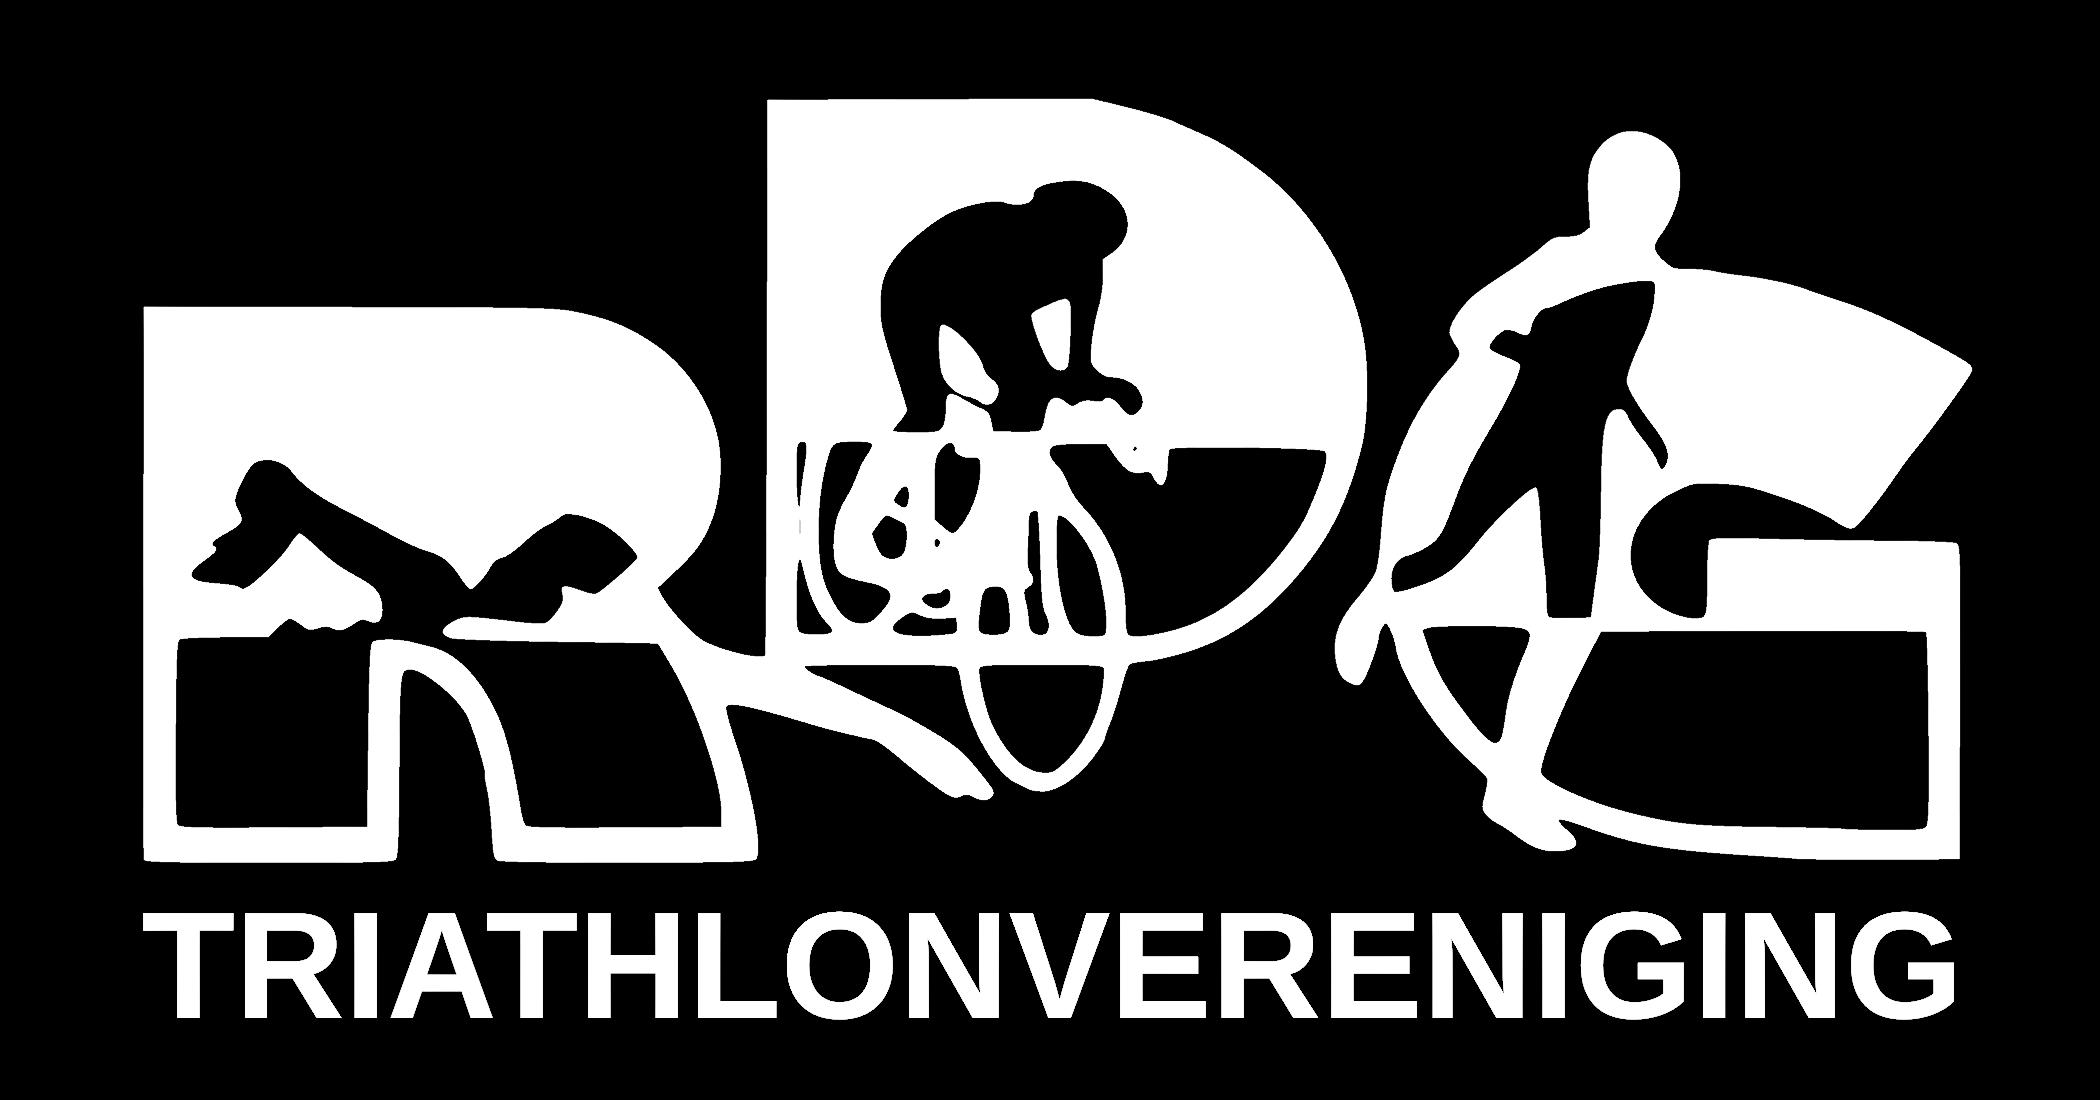 Triathlonvereniging RDG